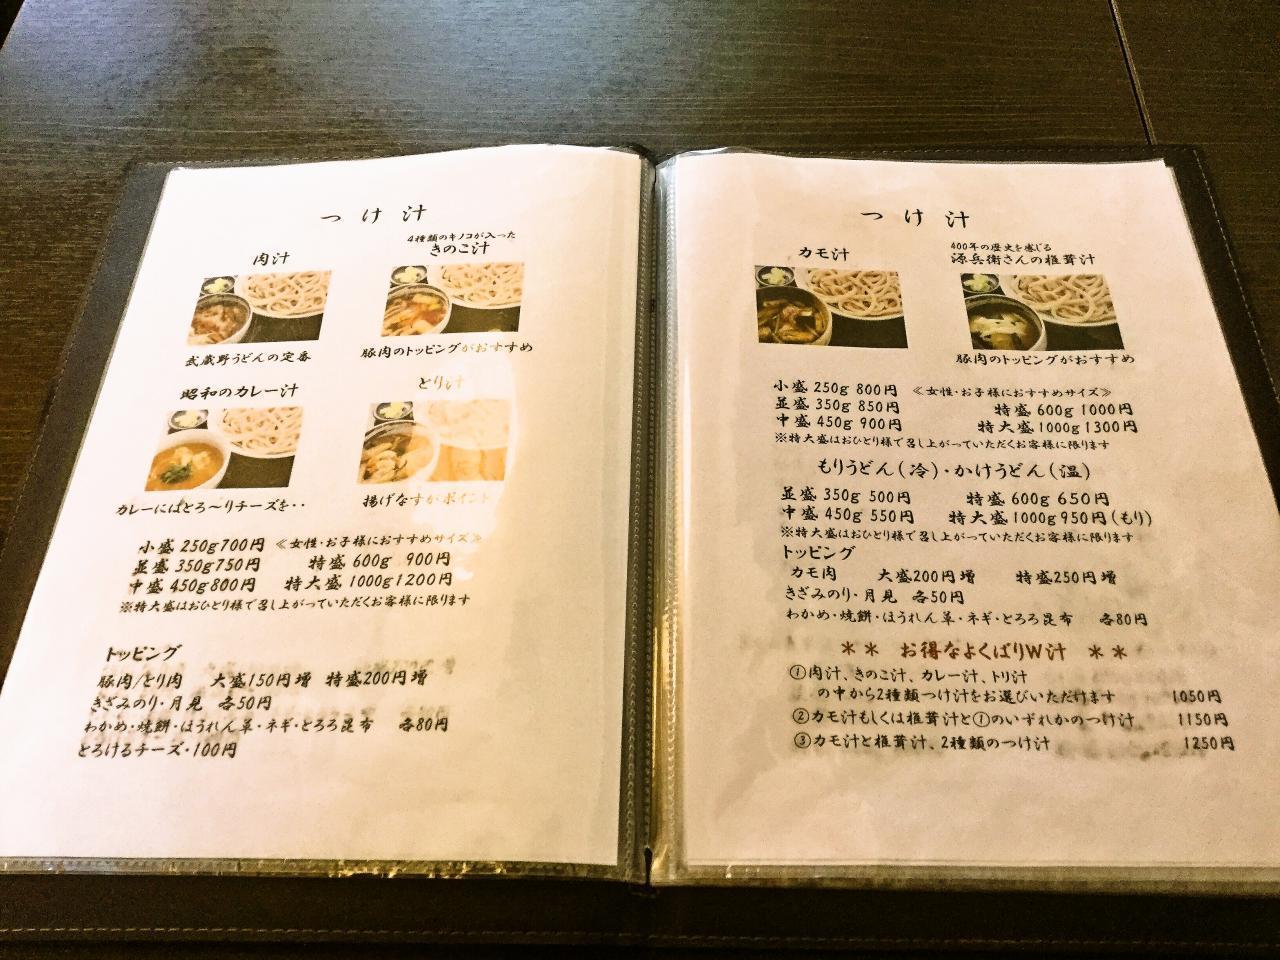 武蔵野うどん 一彩 本店(メニュー)